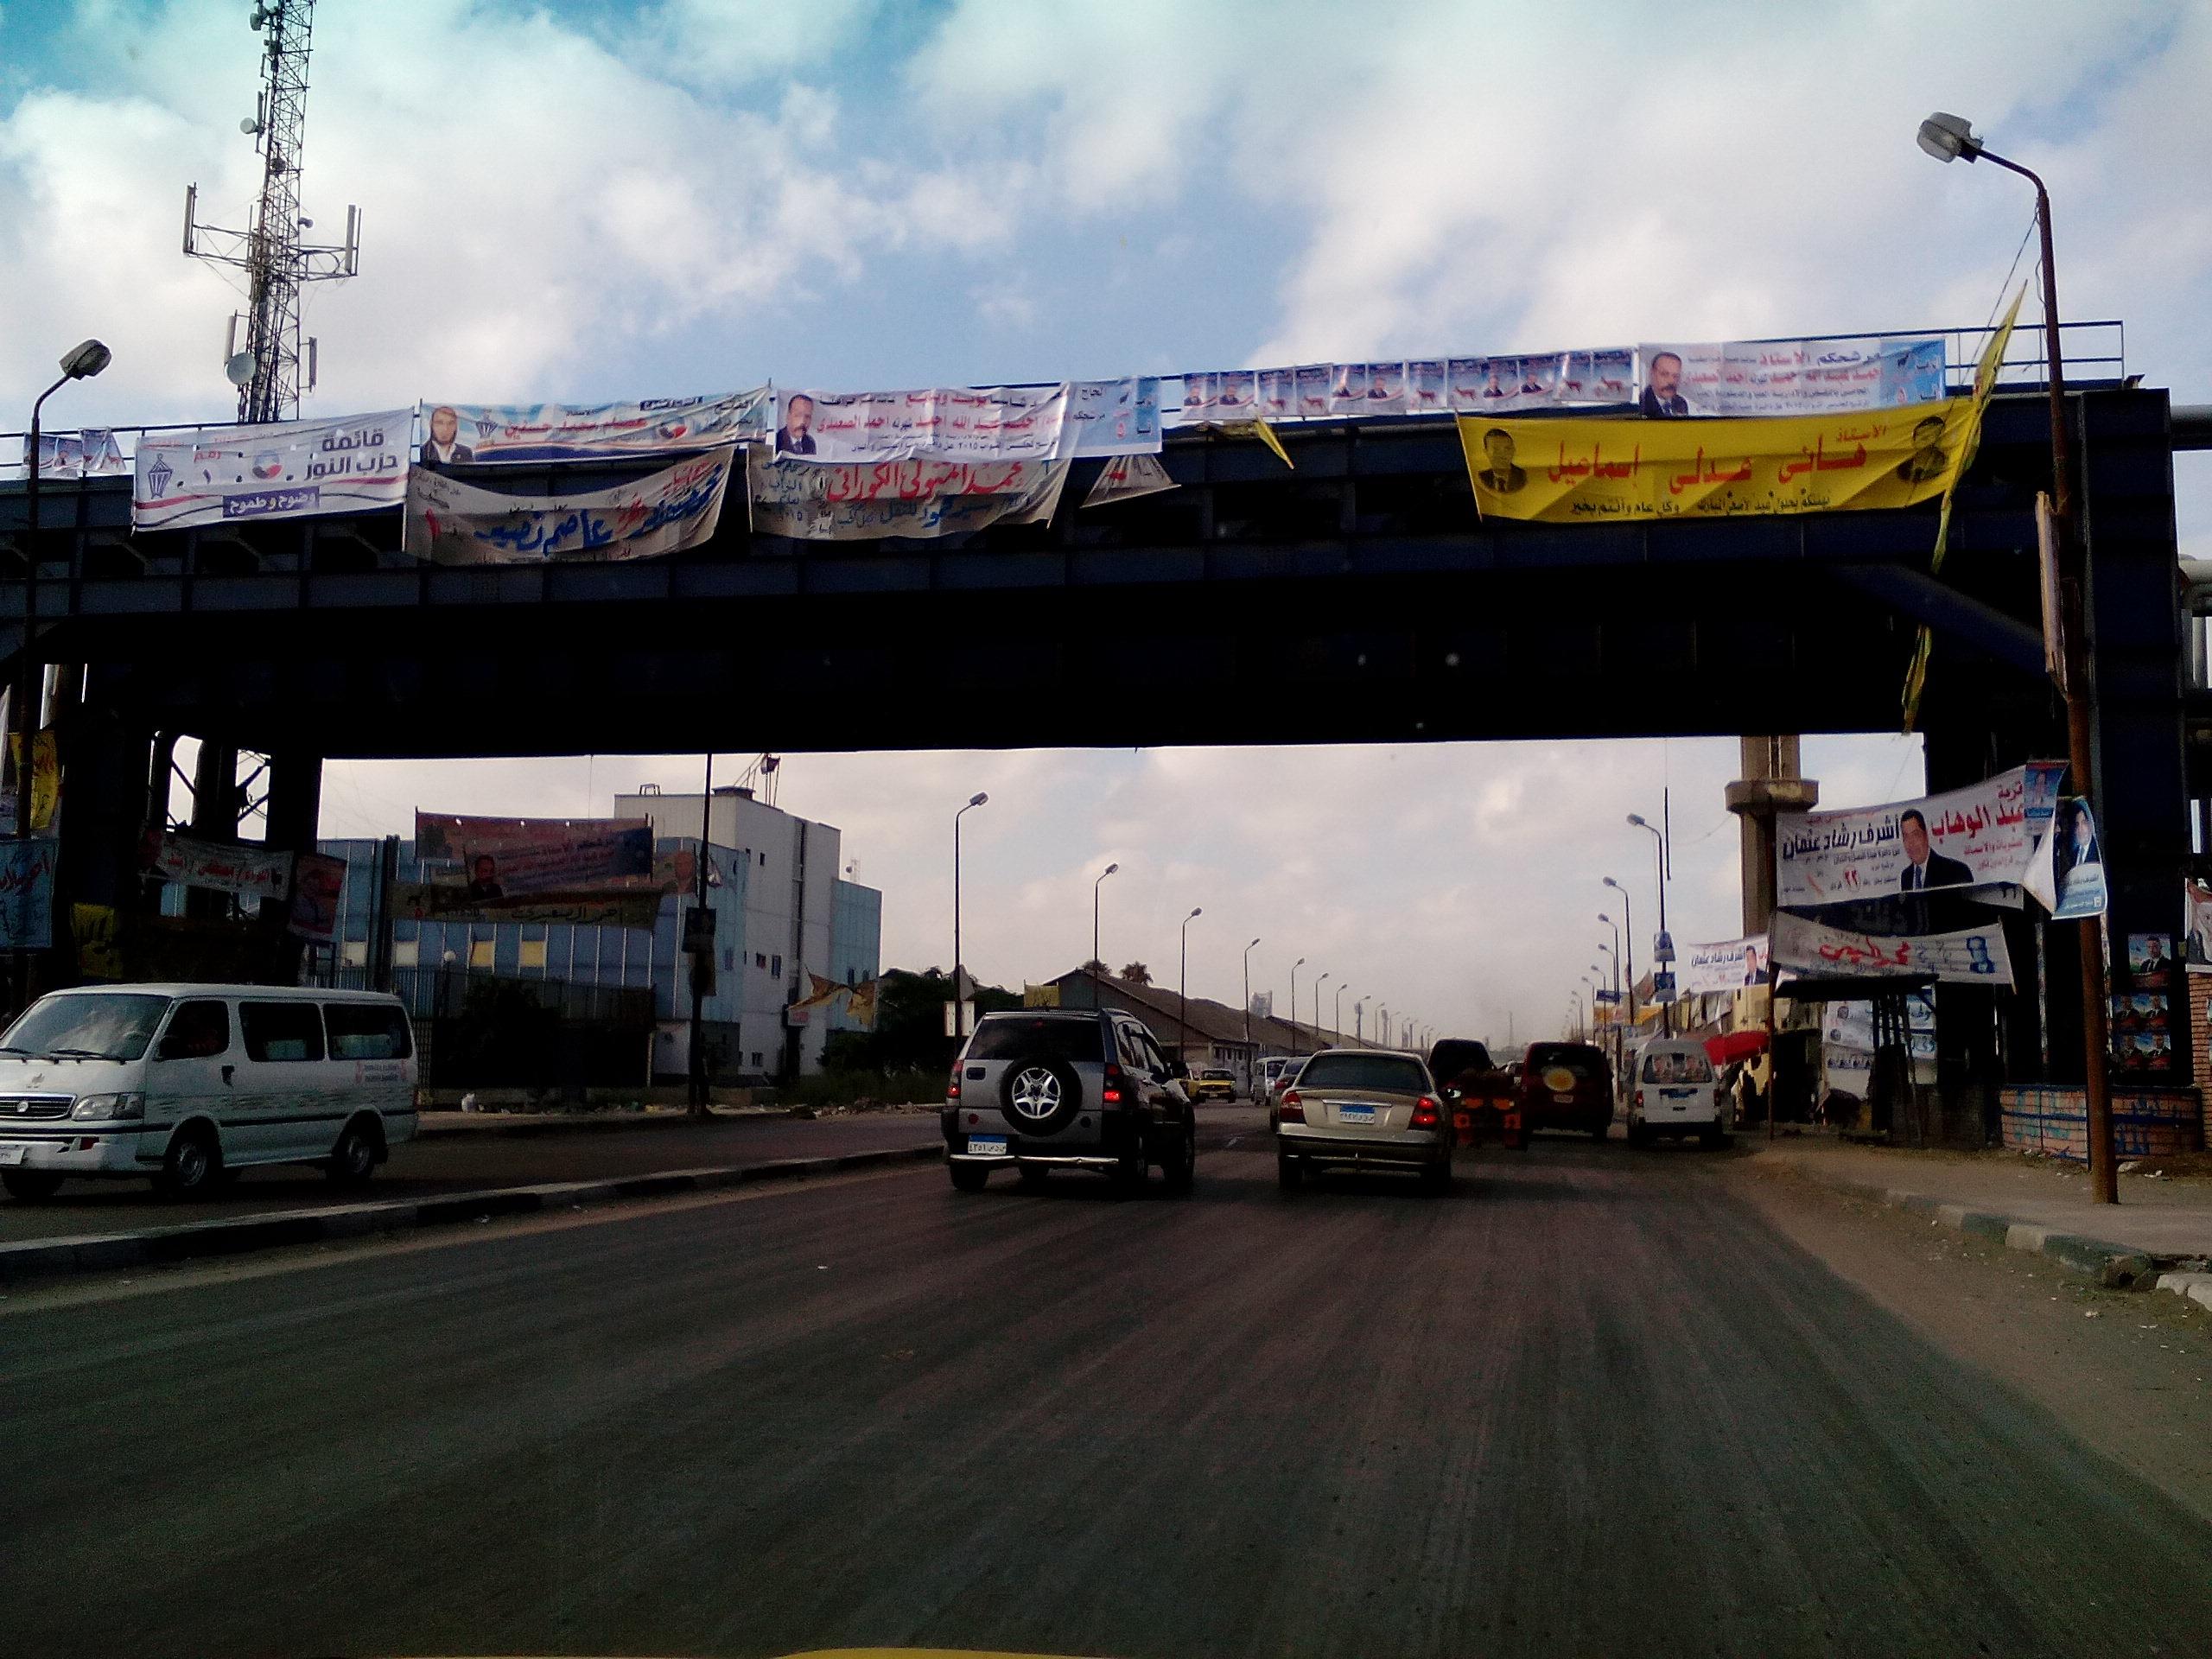 لافتات دعائية في الإسكندرية